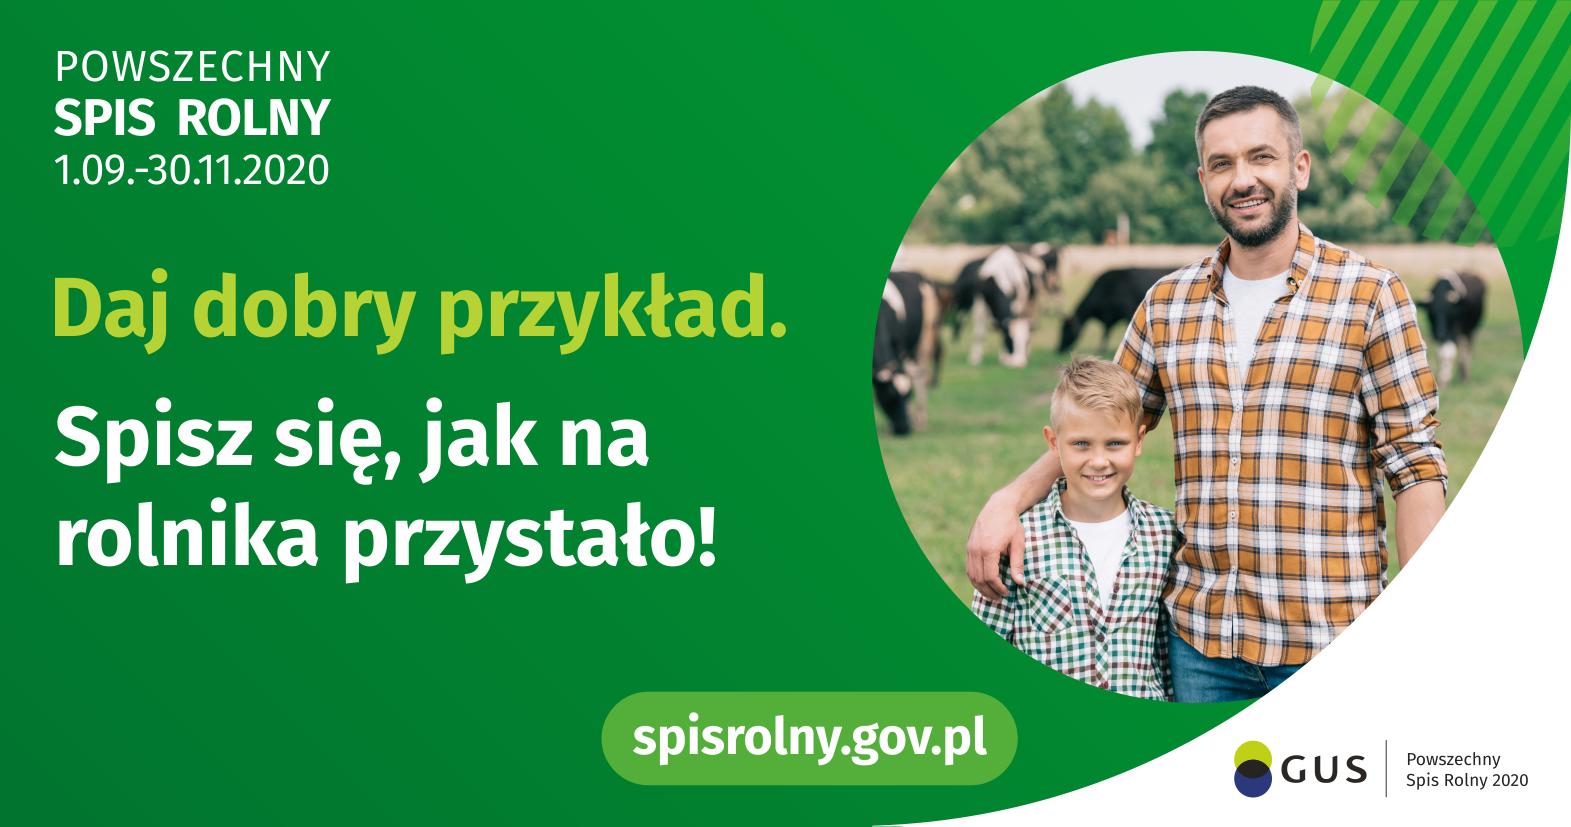 plakat zachęcający do spisu rolnego